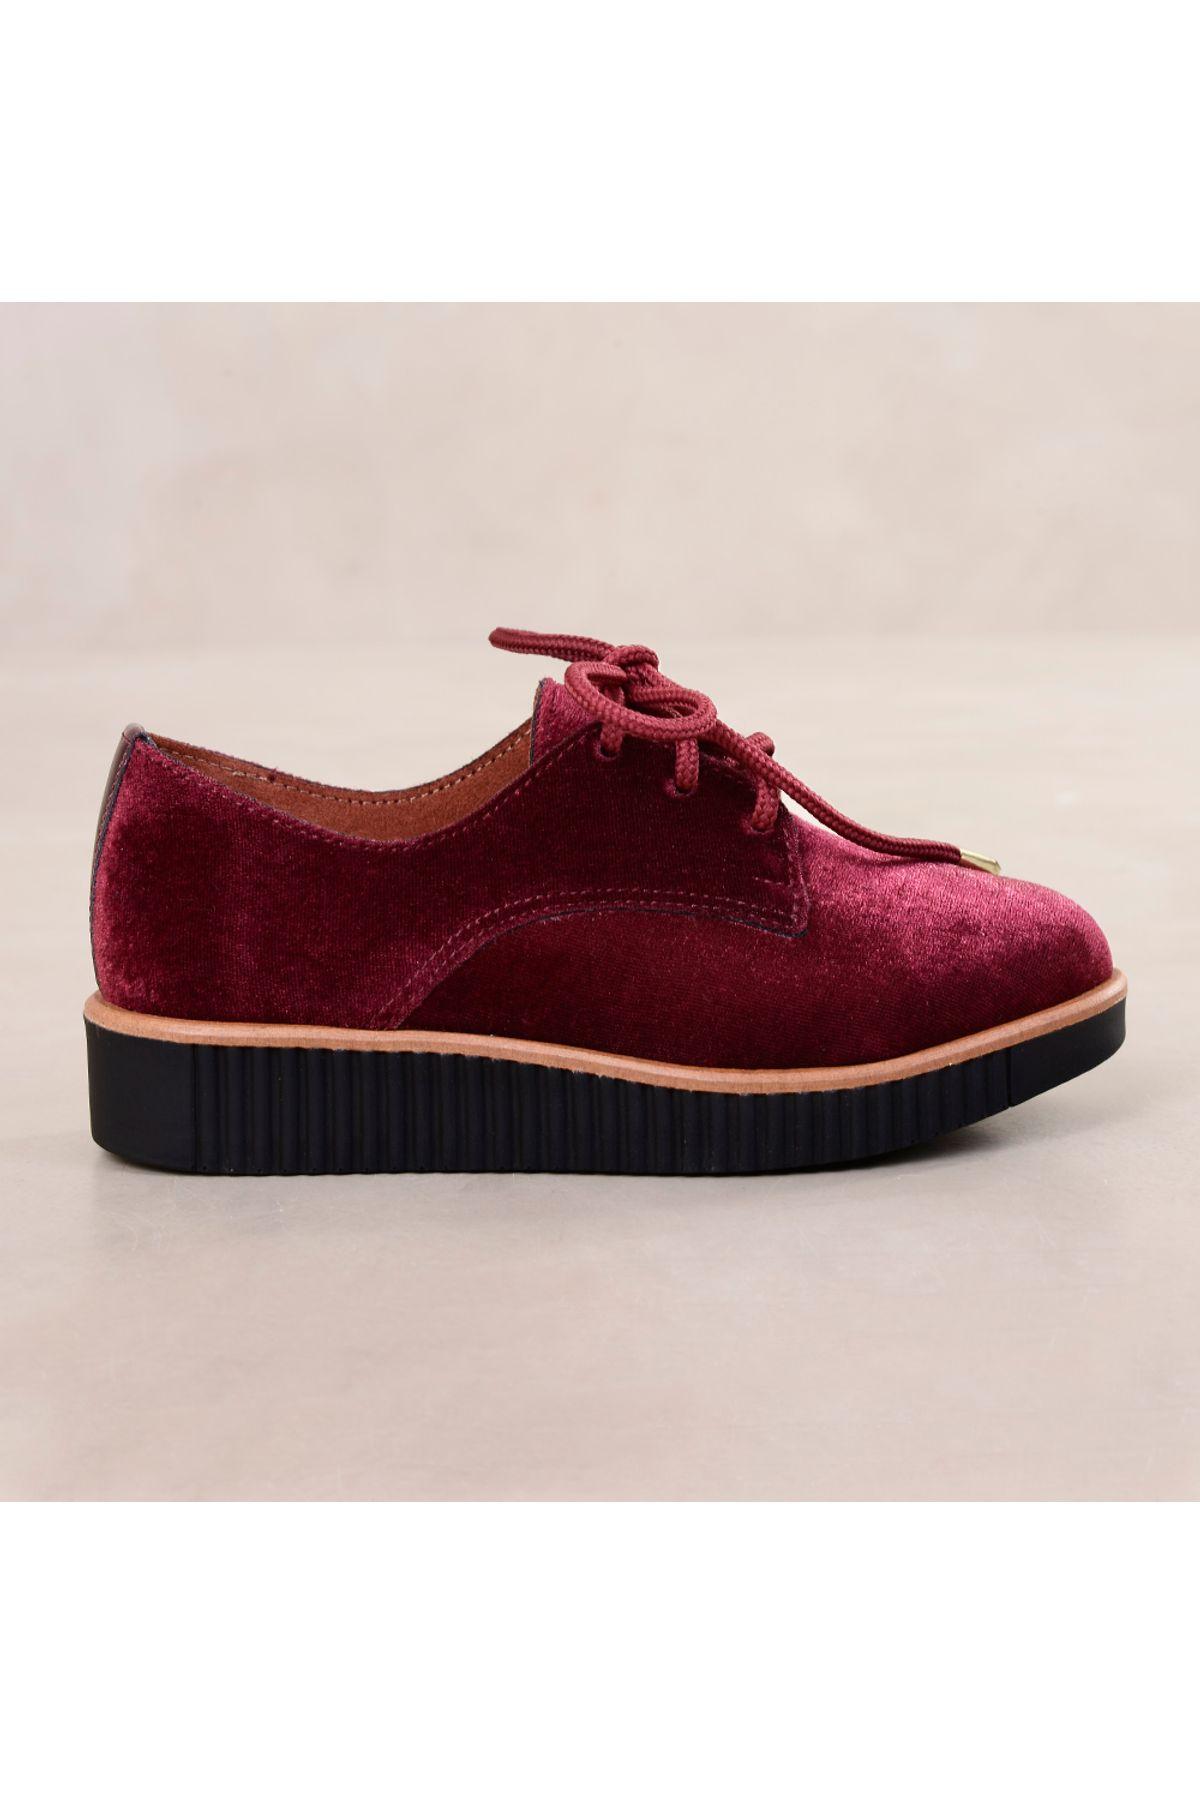 2e2be1ef0 Sapato Infantil Sarah Mundial   Mundial Calçados - Mundial Calçados